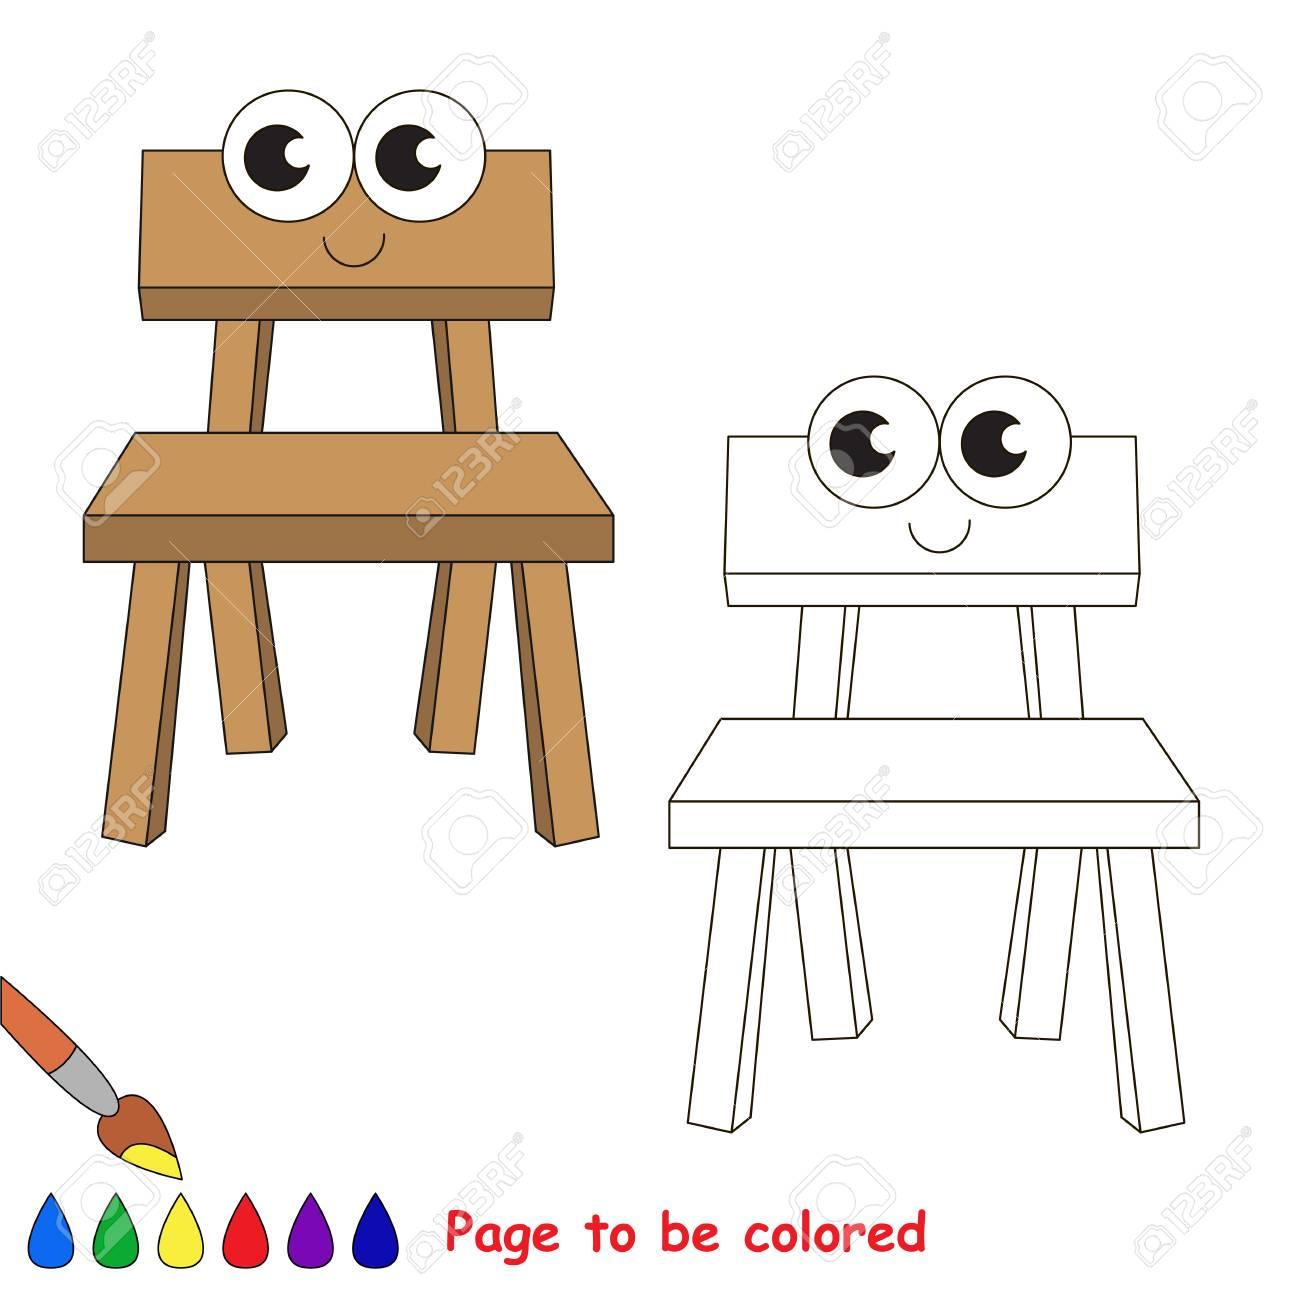 Sedie In Legno Da Colorare.Vettoriale Divertente Sedia In Legno Da Colorare Il Libro Da